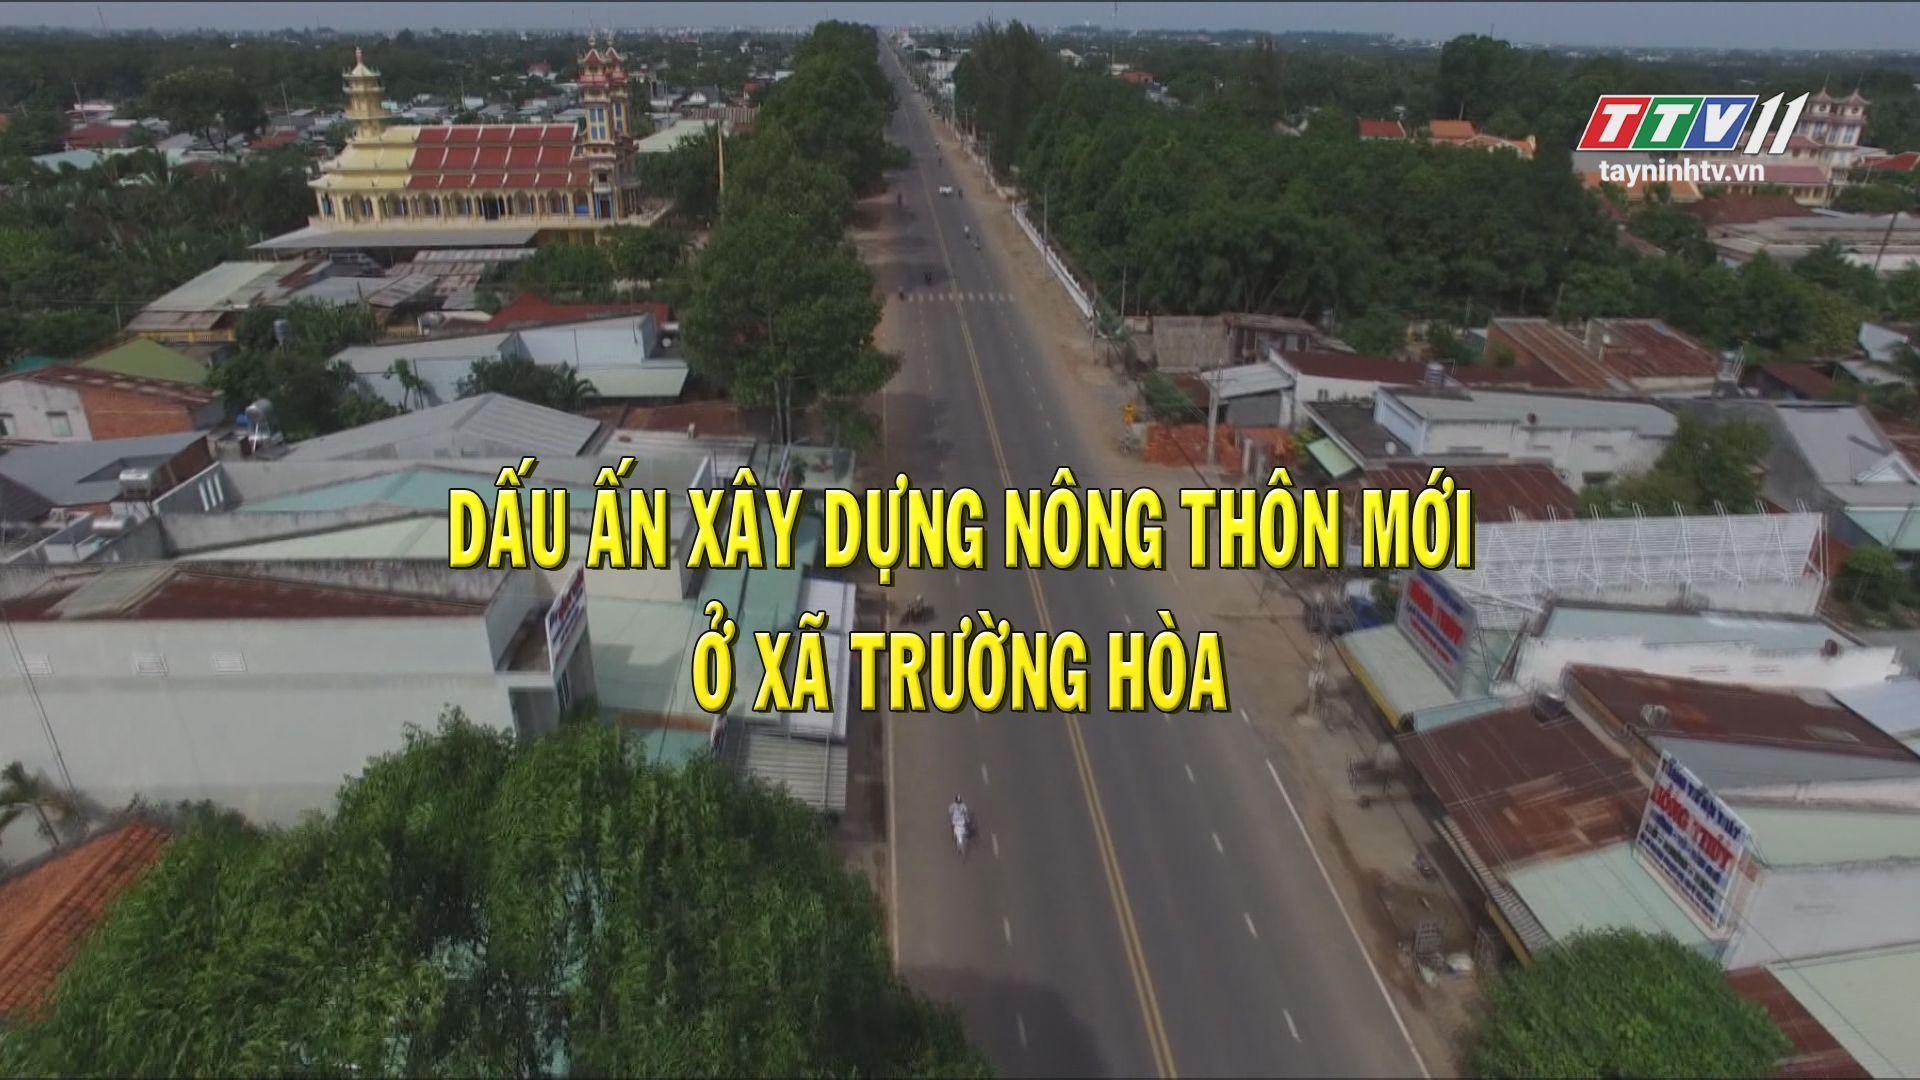 Dấu ấn xây dựng nông thôn mới ở xã Trường Hòa | THÔNG TIN TỪ CƠ SỞ | TayNinhTV